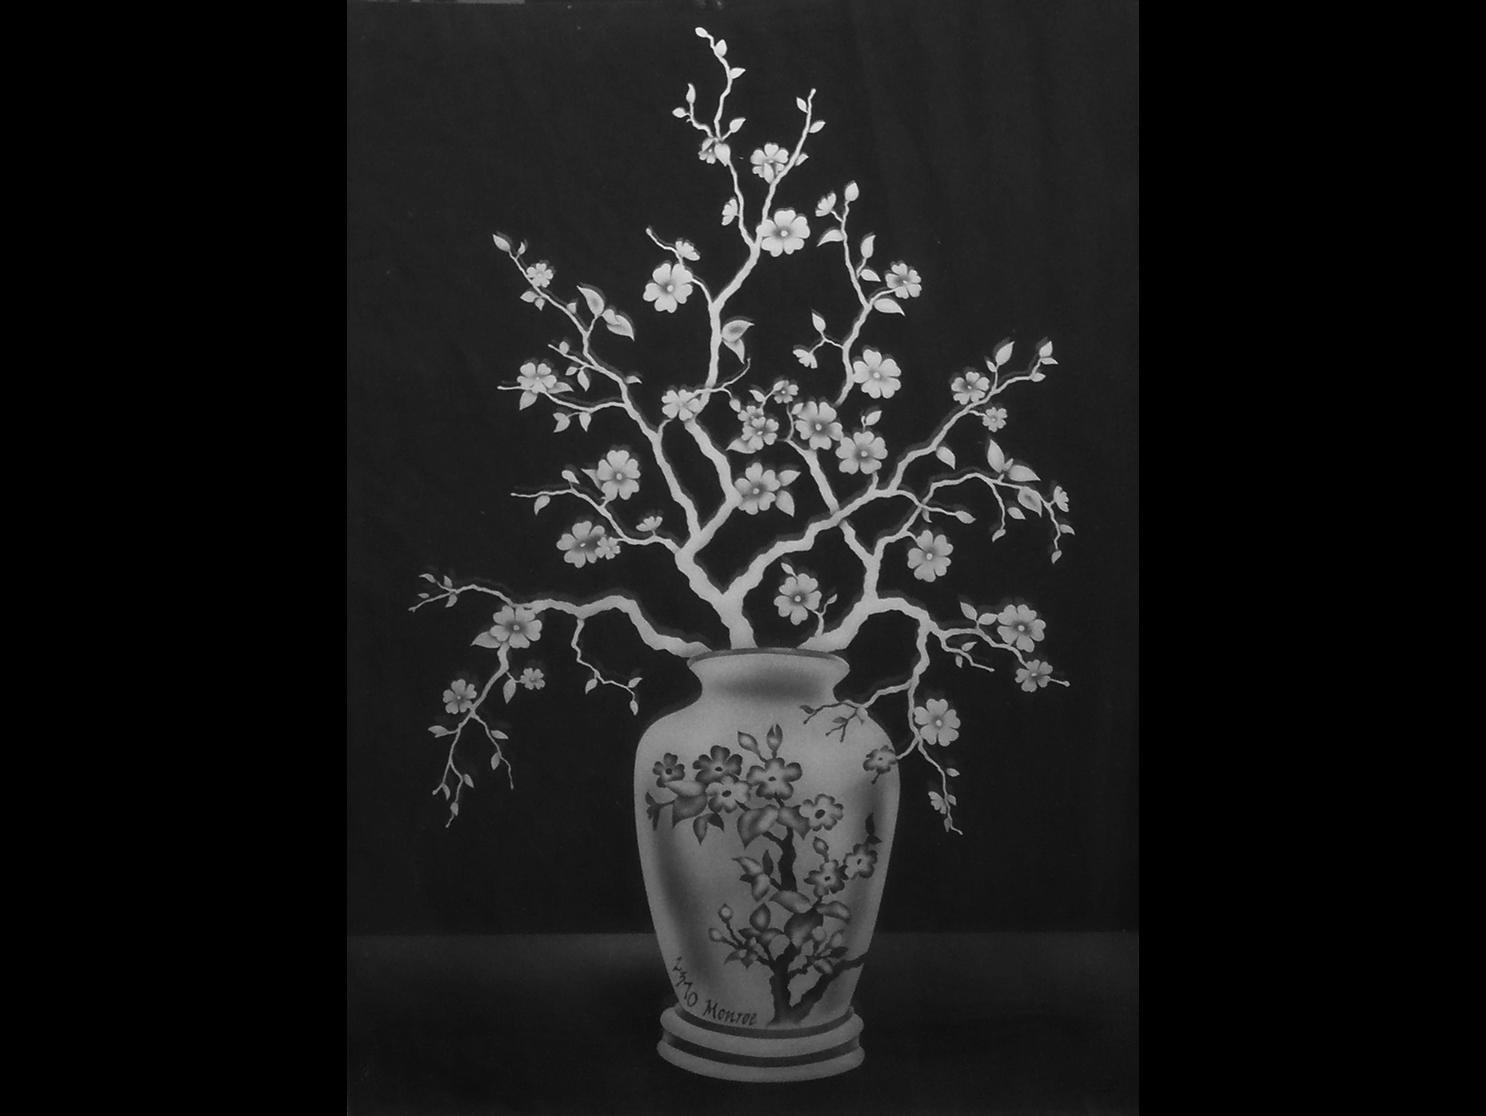 vase cherry blossom